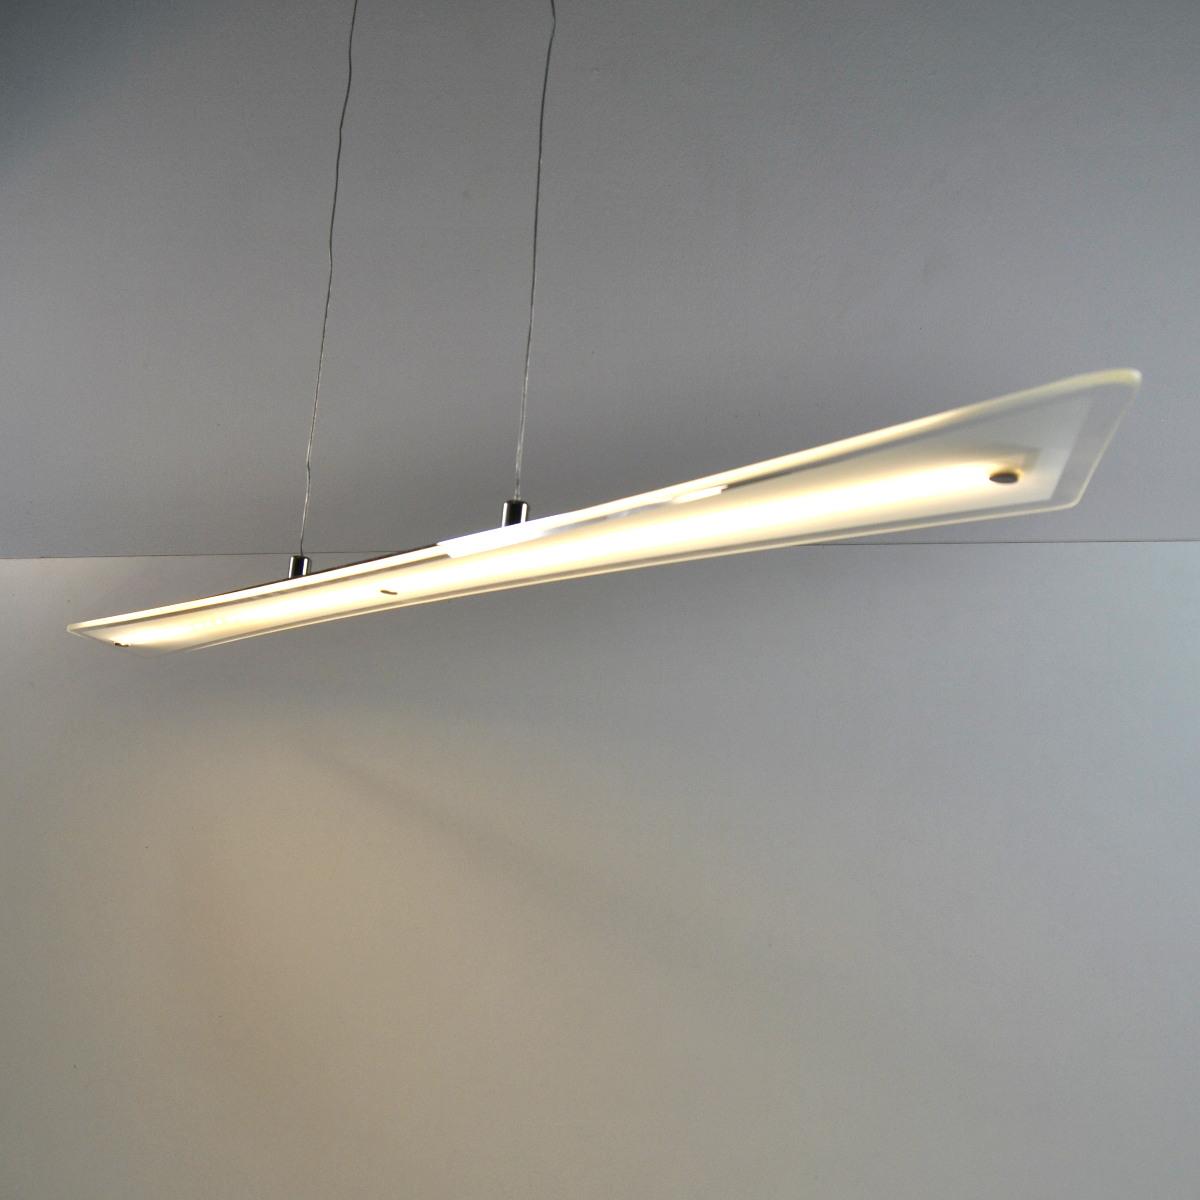 LED Pendelleuchte Hängelampe 61128532 Darlux Esszimmerlampe 16W 1500 L